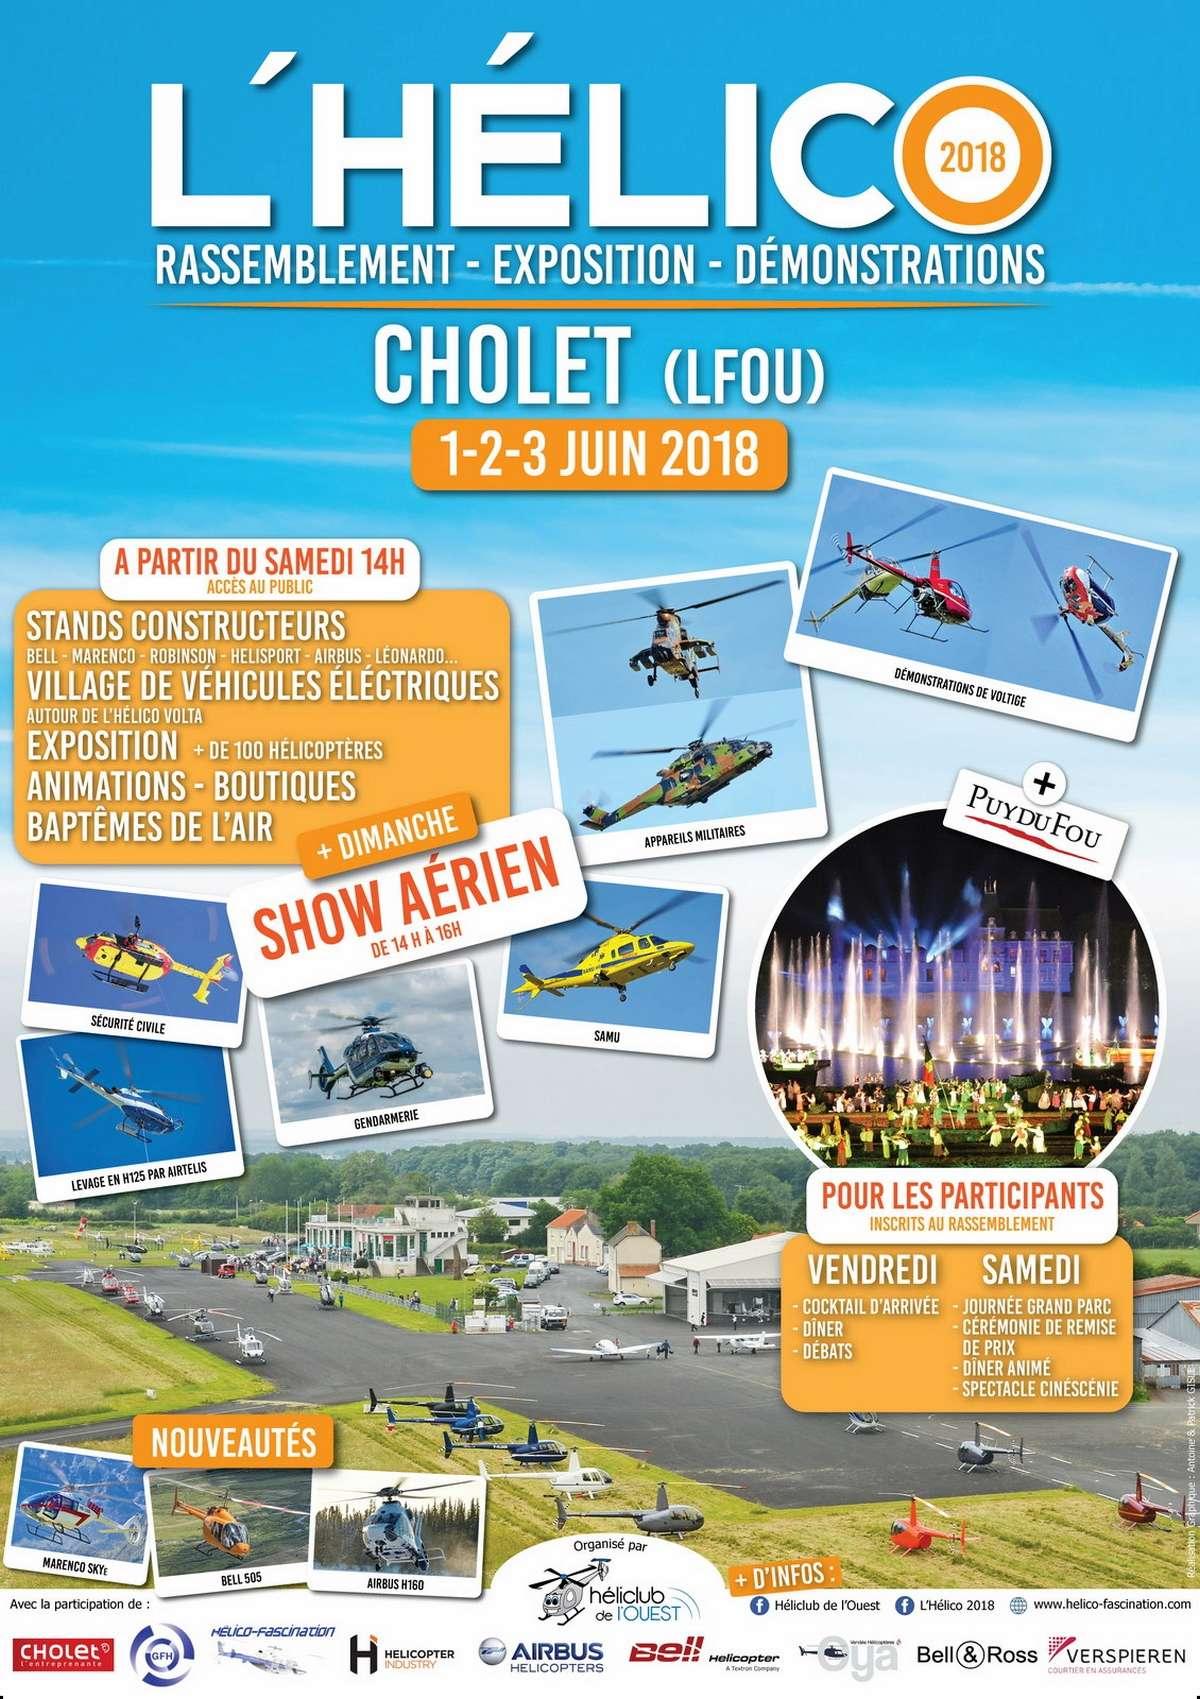 Aerodrome de Cholet - Le Pontreau 2018 , meeting aerien , hélicoptere , L'Hélico 2018 cholet , Rassemblement – Expo – Salon – Show aérien 2018